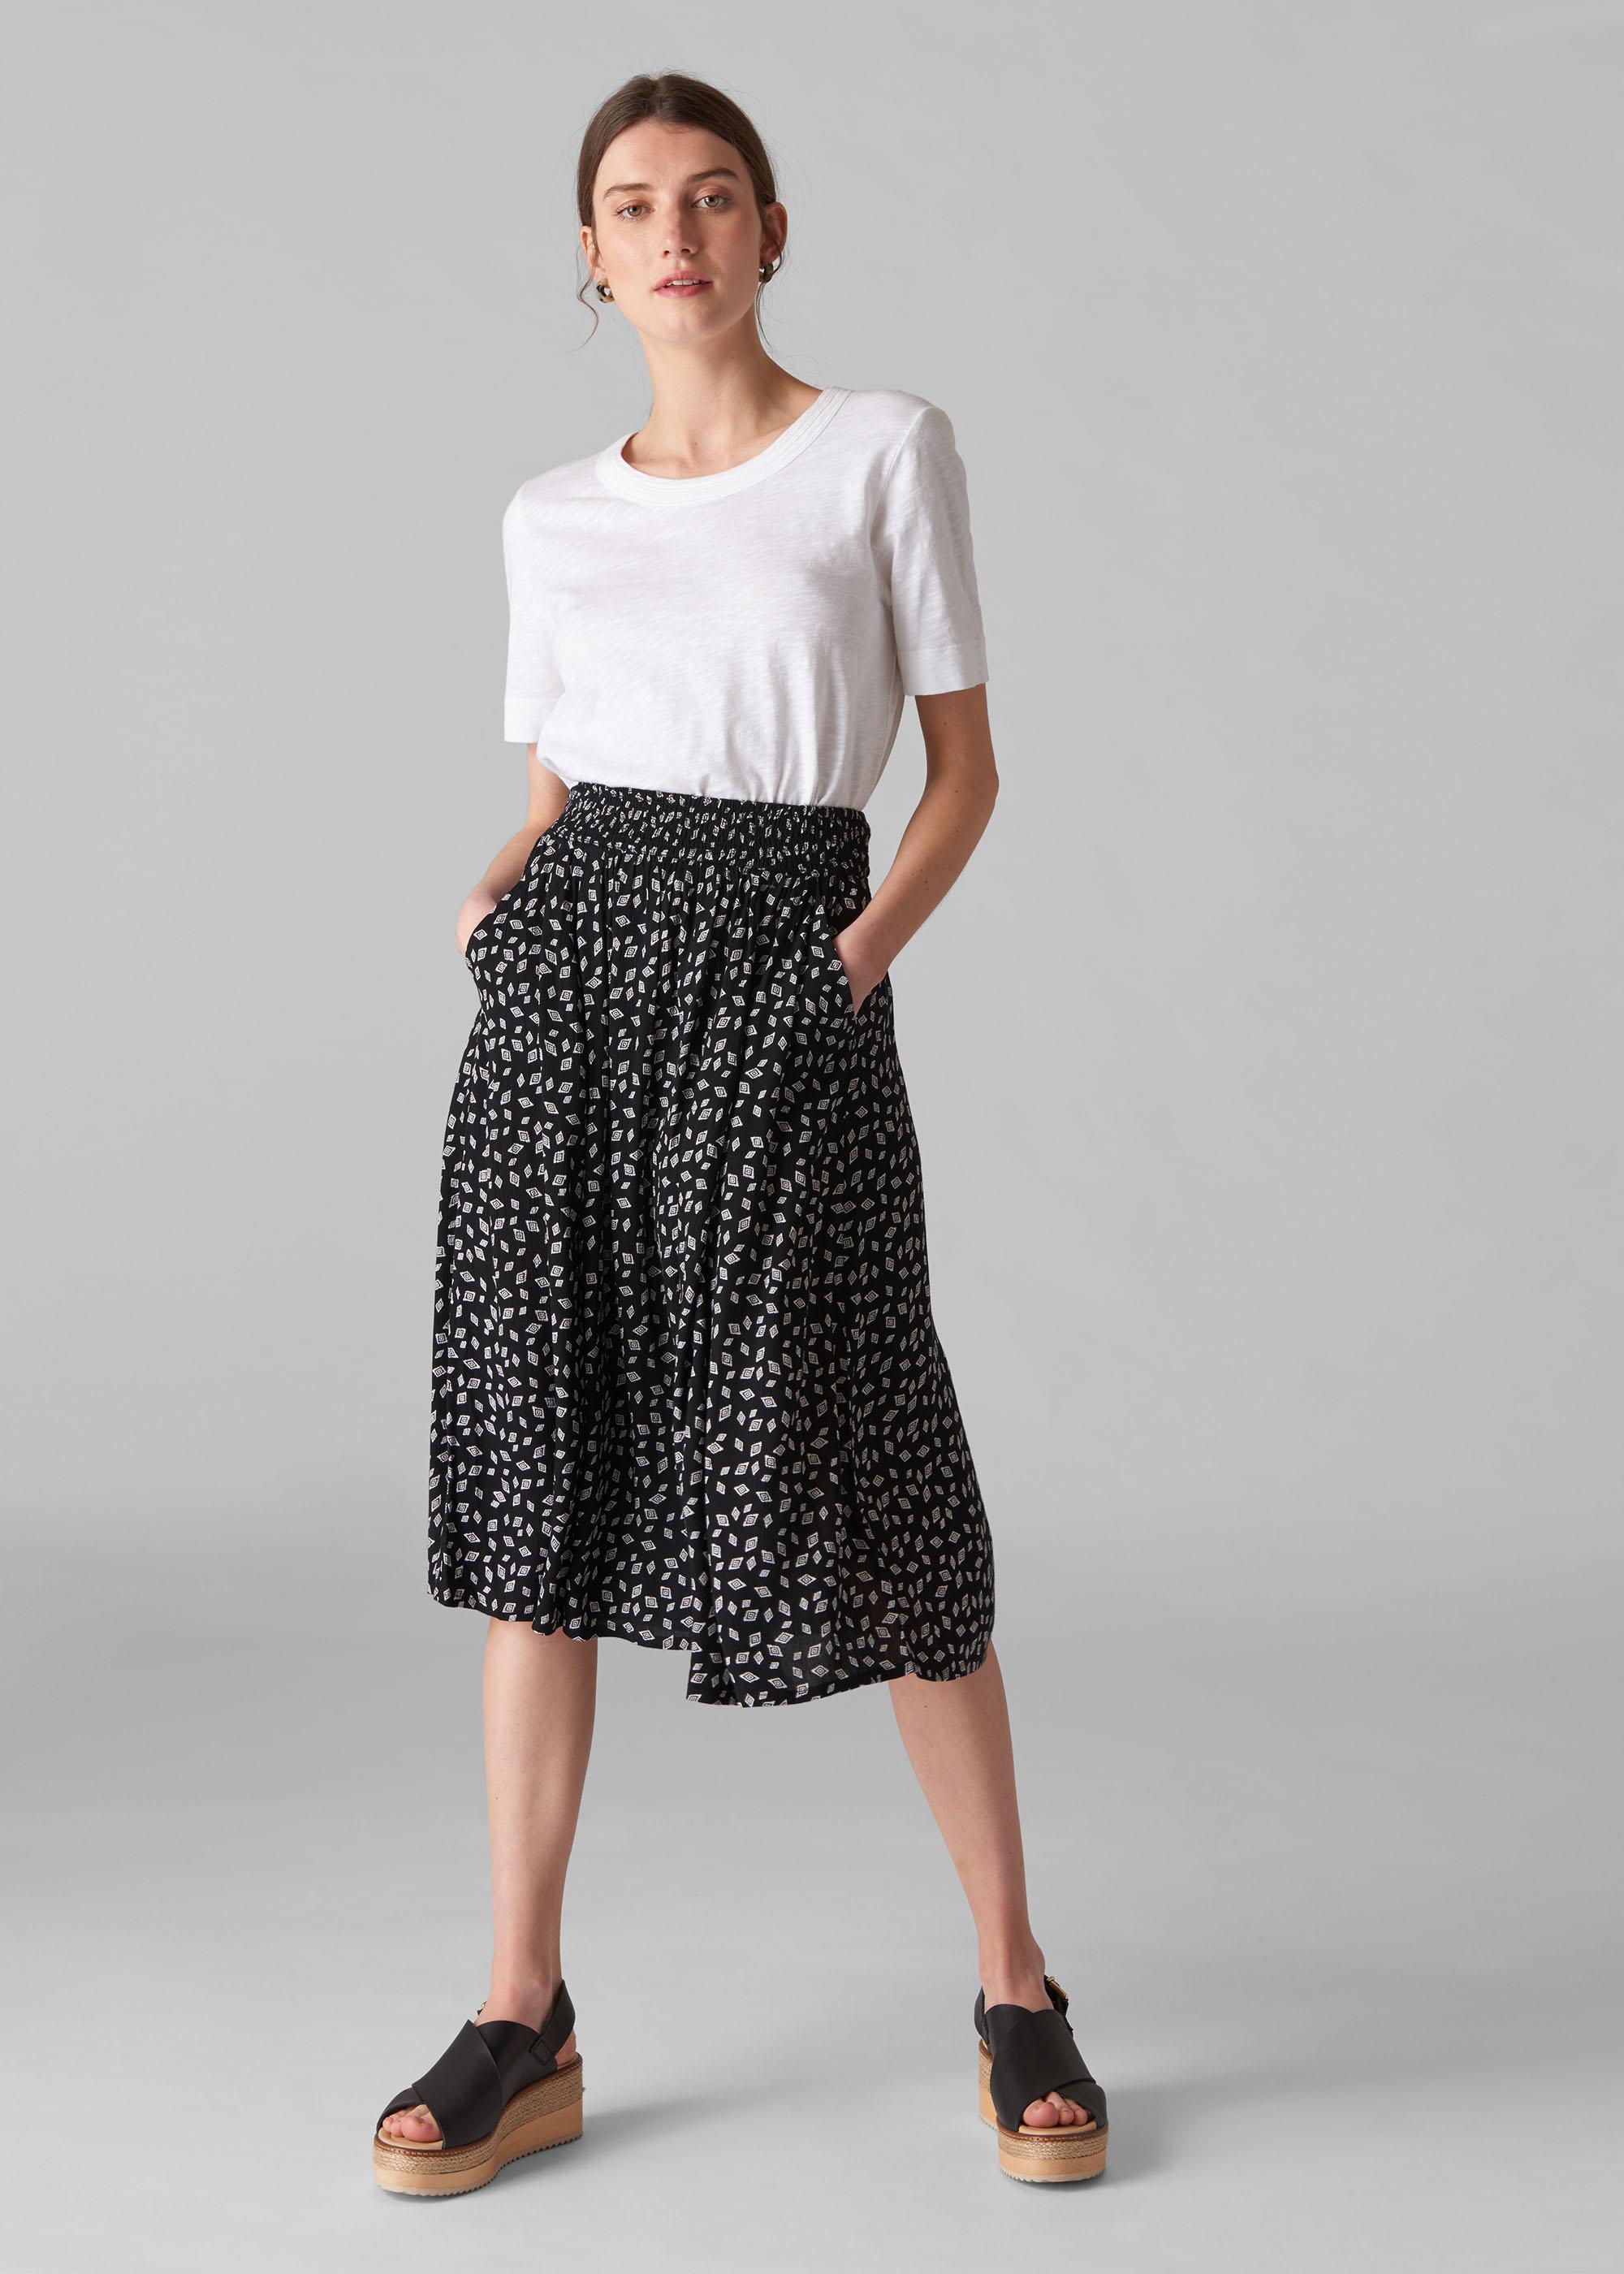 Whistles Women Gobi Print Textured Skirt